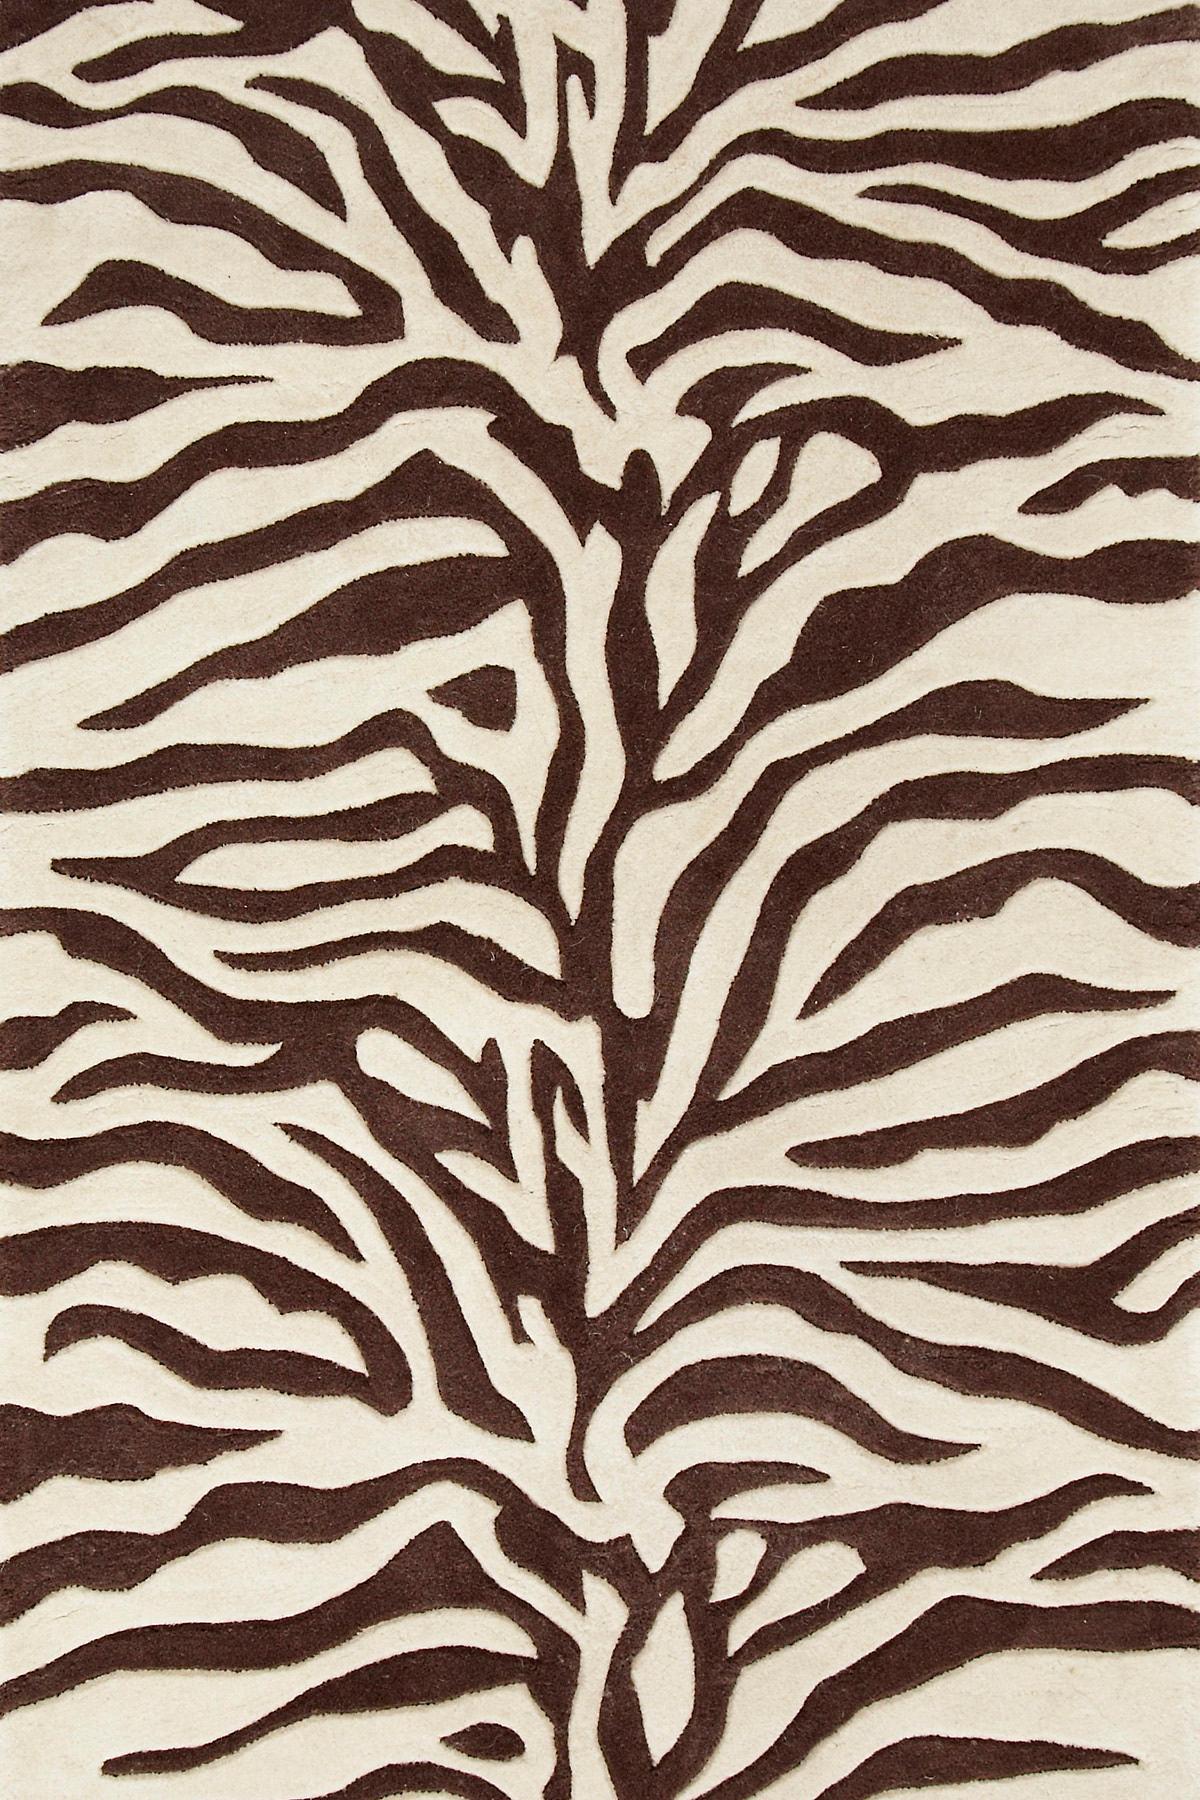 Zebra Tufted Wool Rug